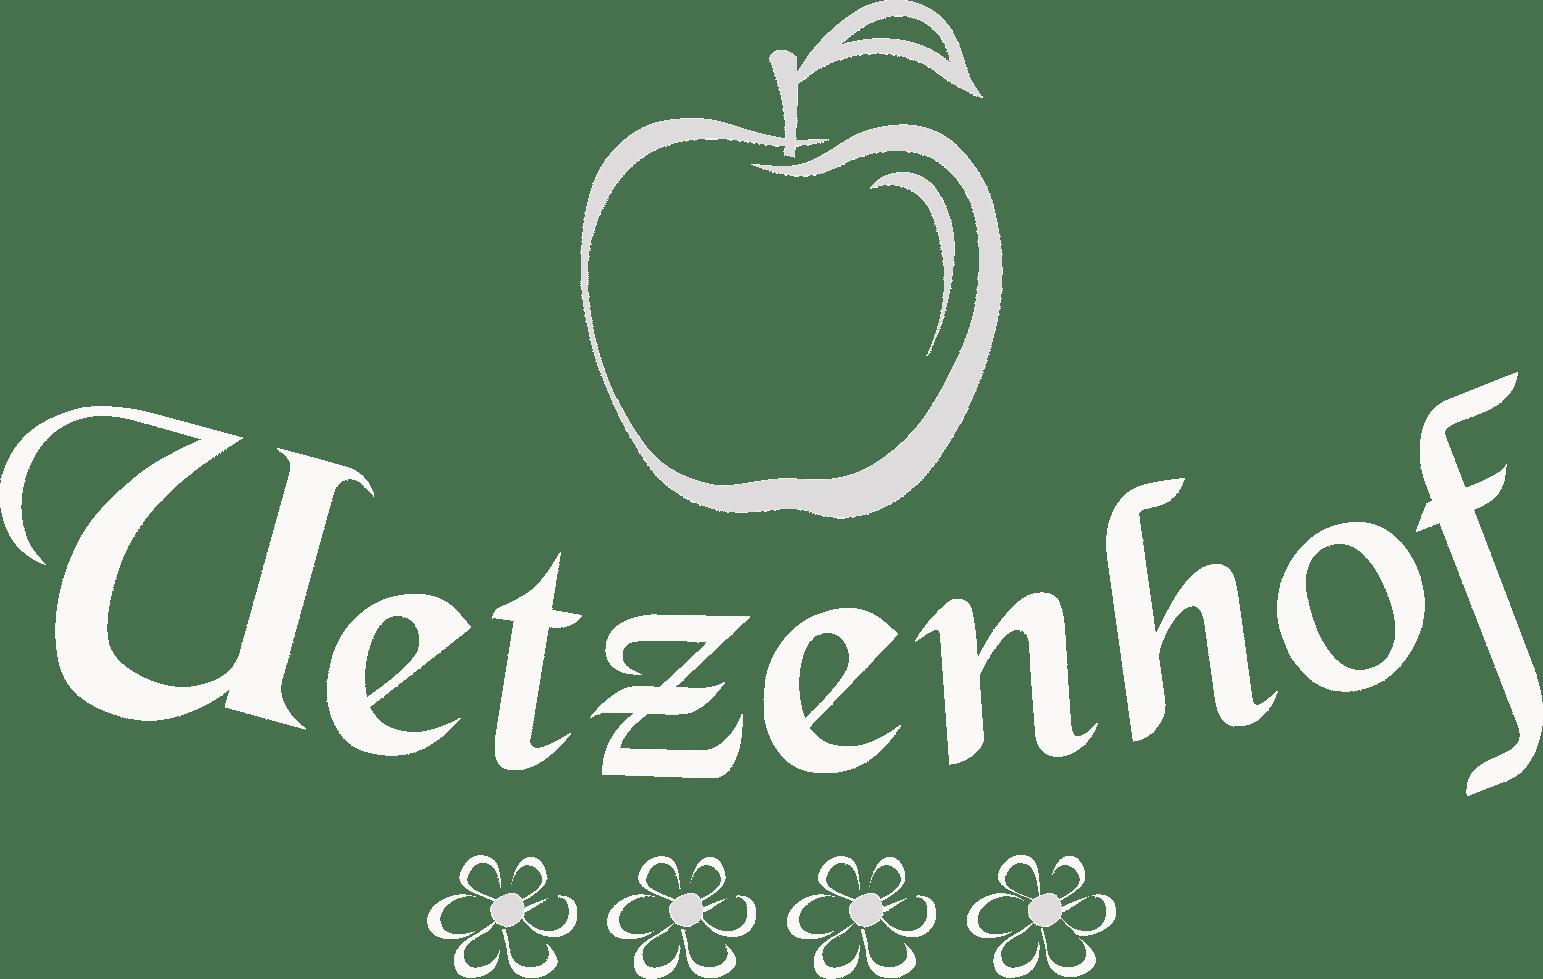 Uetzenhof - Natz